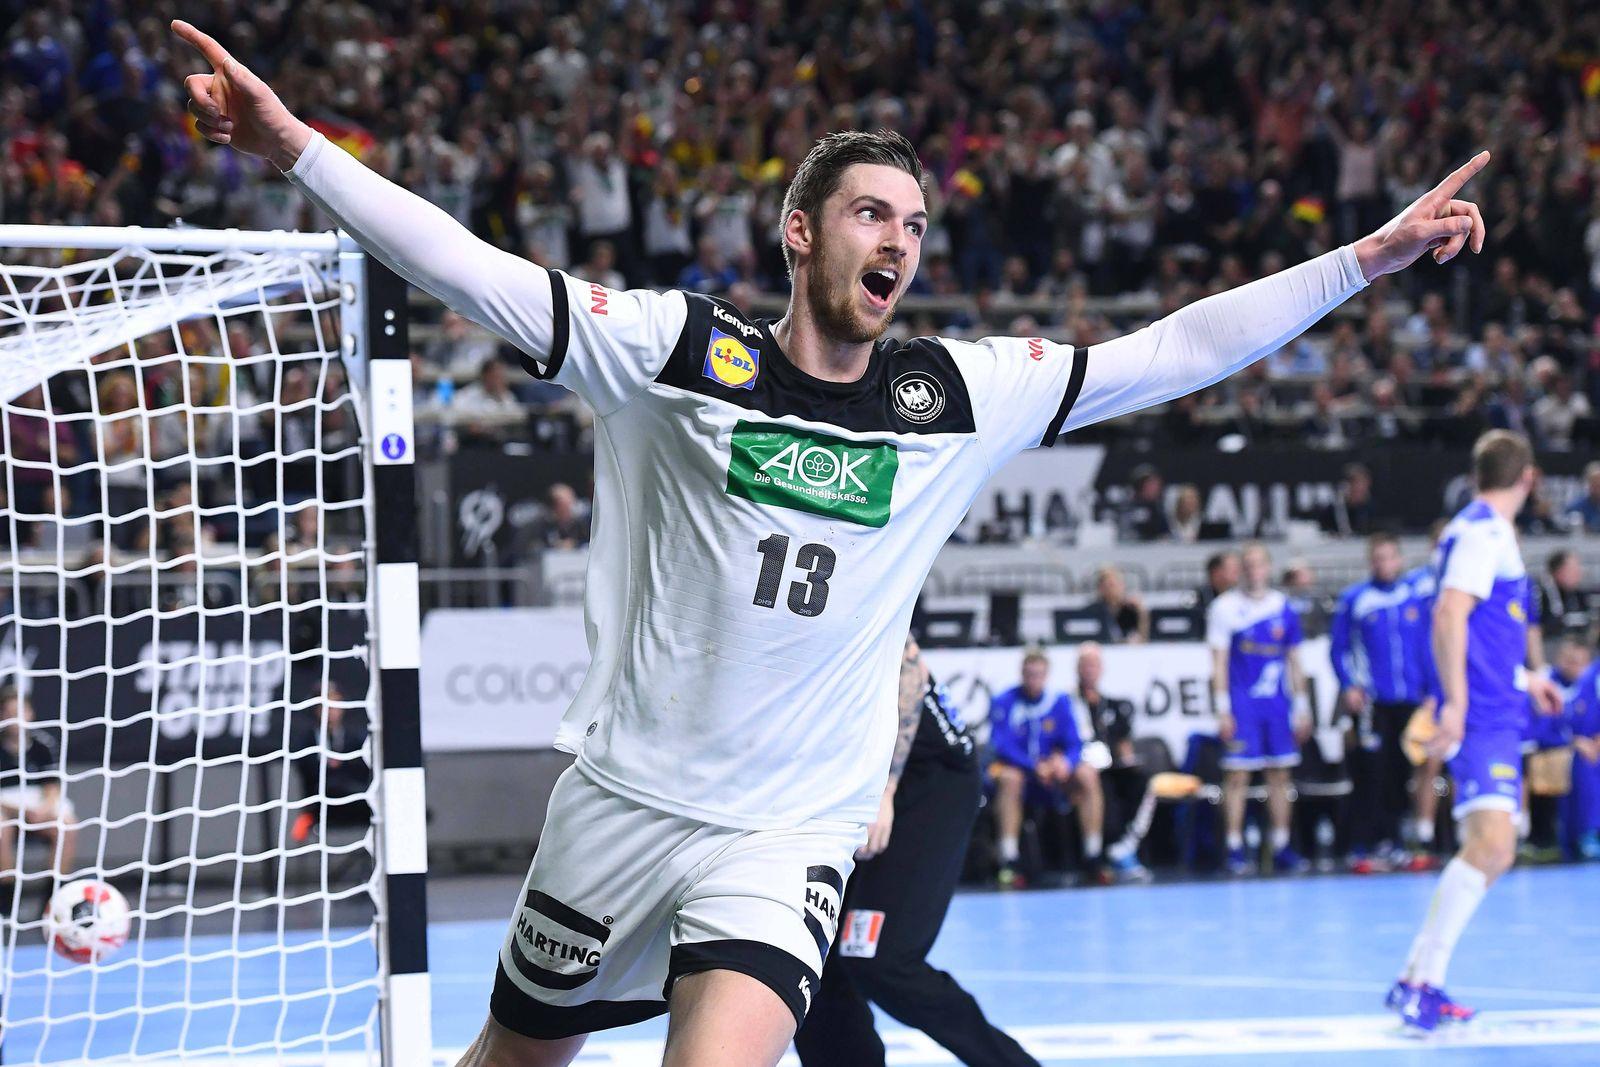 Handball WM Hauptrunde Deutschland Island am 19 01 2019 in der Lanxess Arena in Köln Hendrik Peke